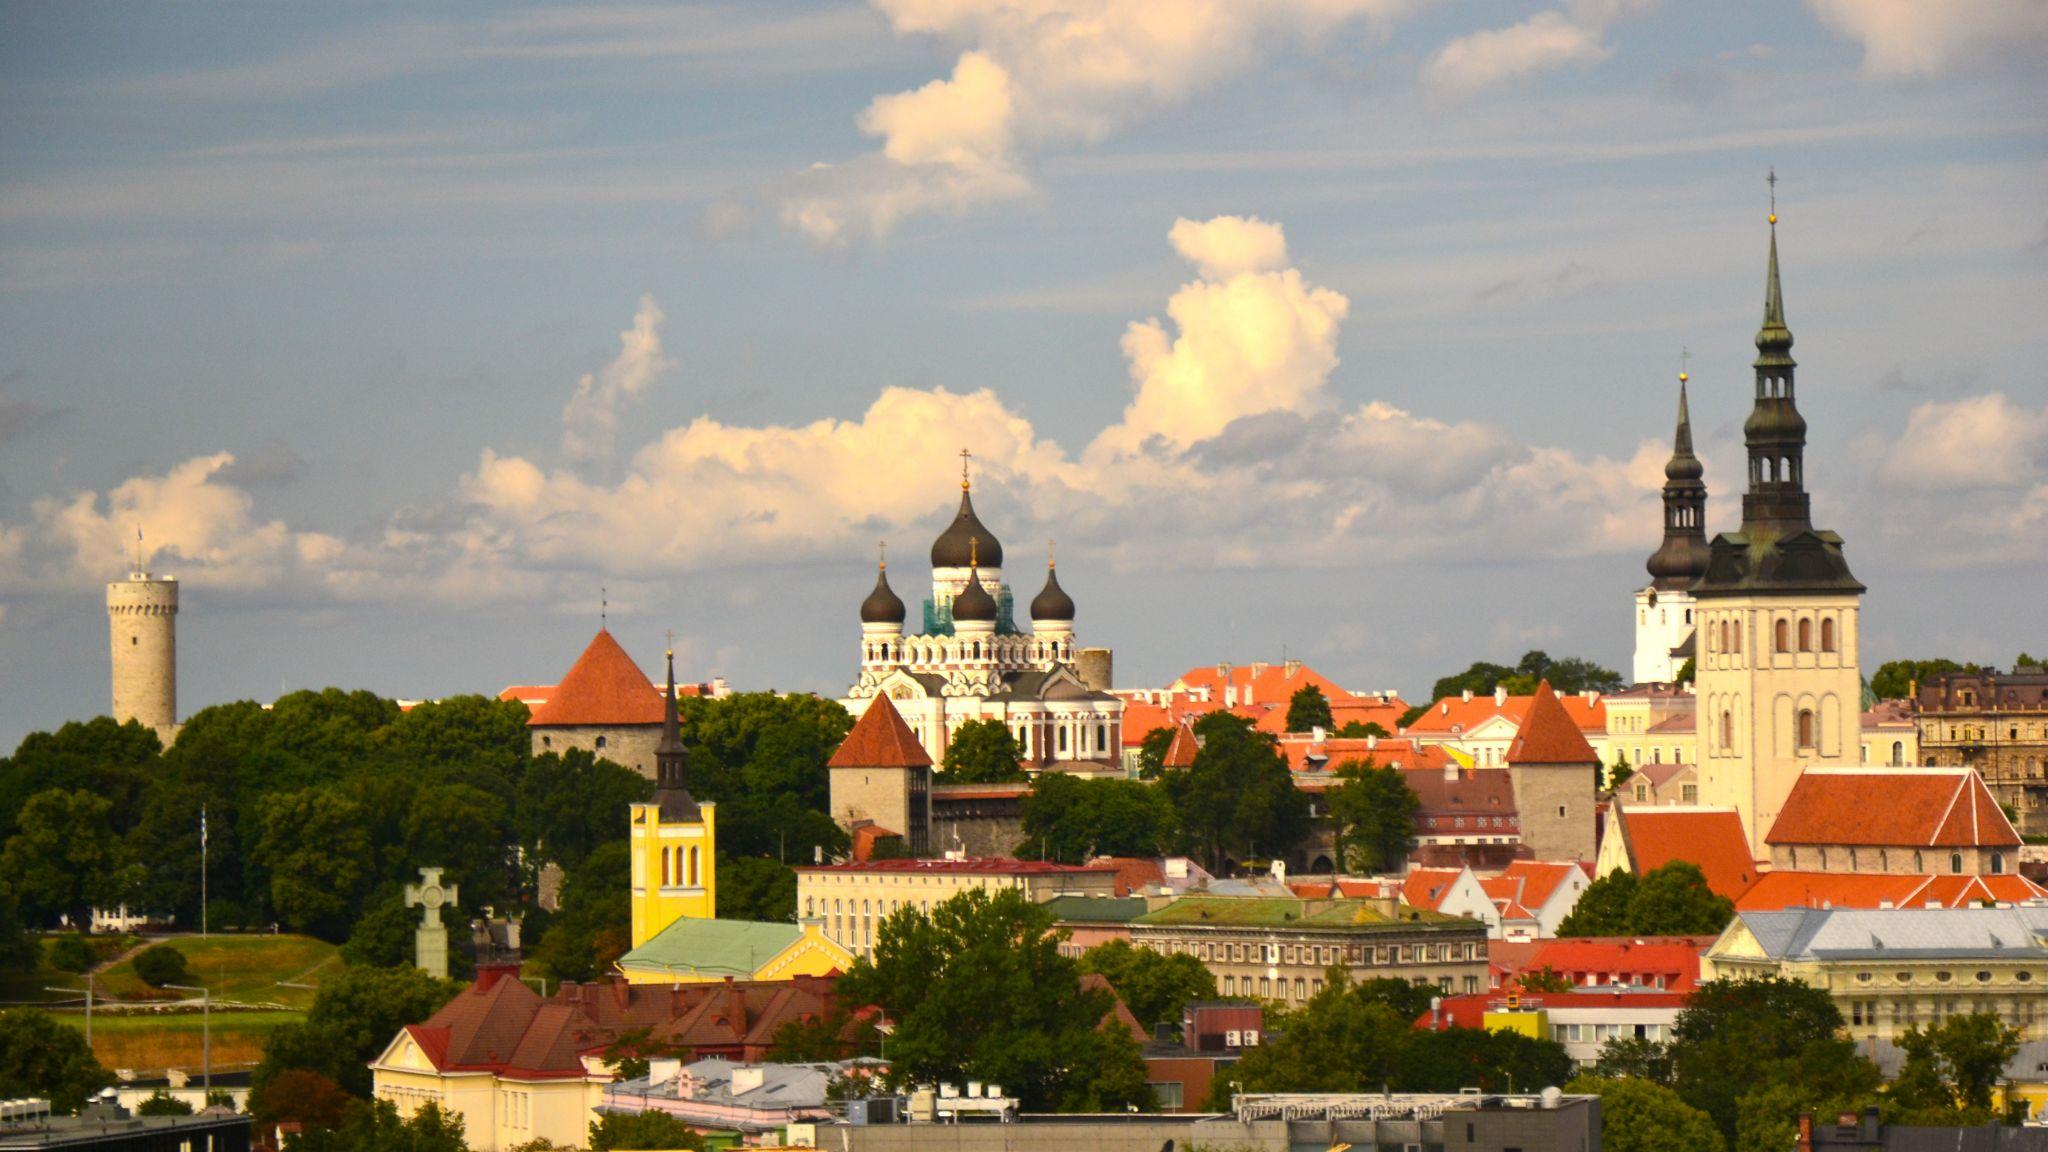 Tallinn Old Town Skyline, Estonia